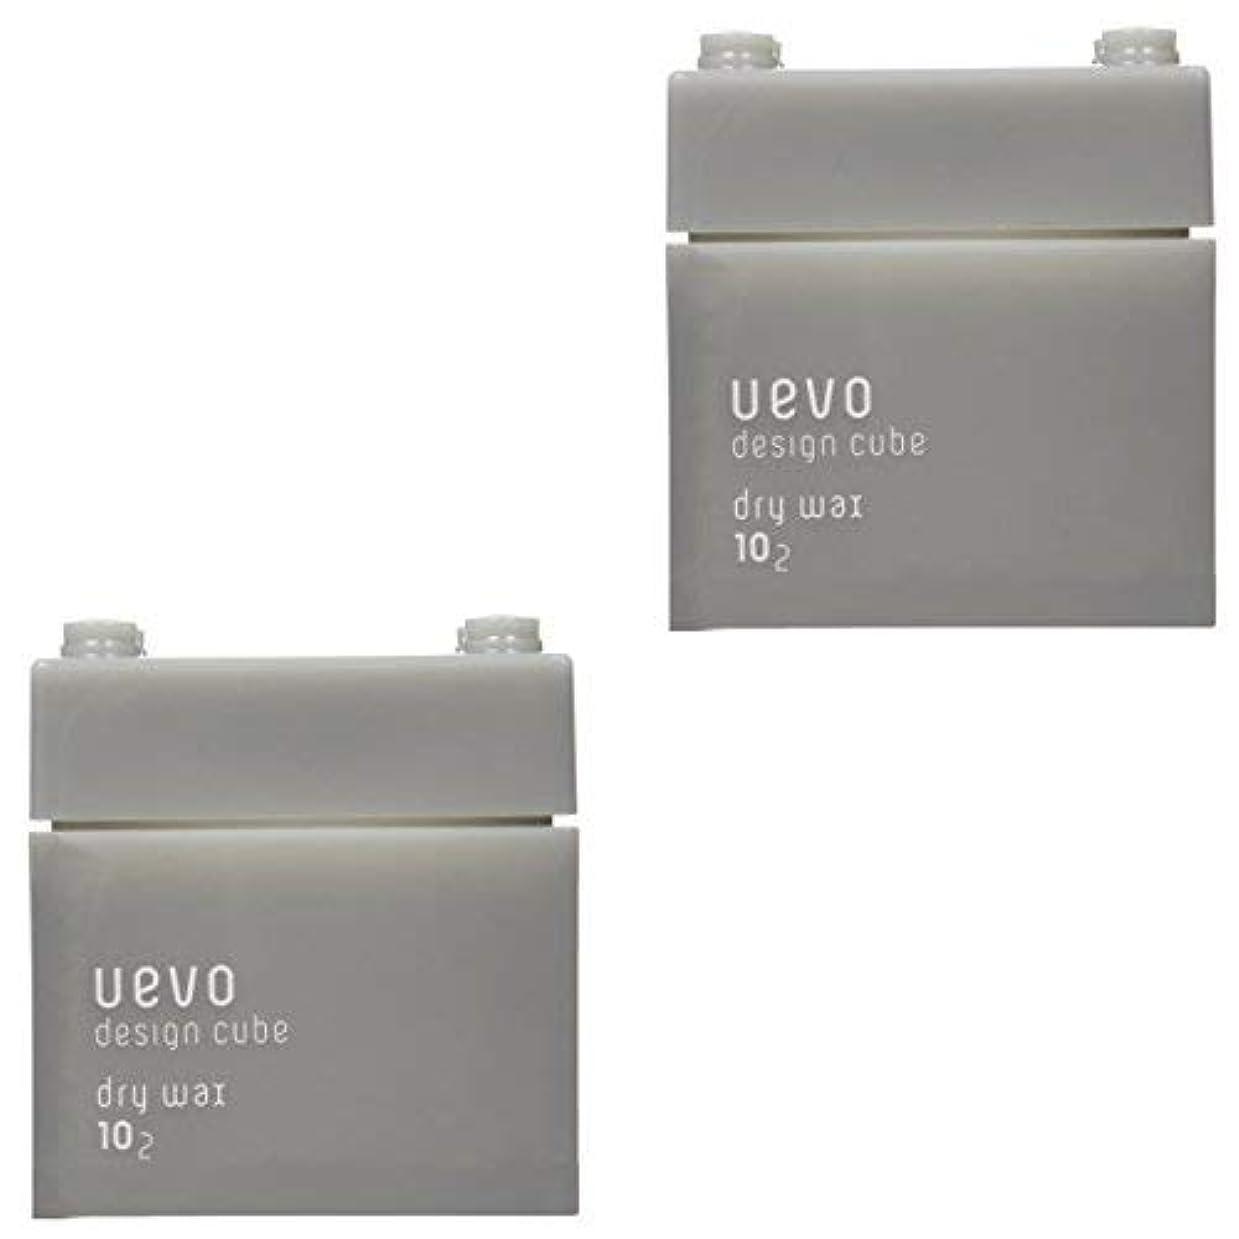 我慢する穀物根拠【X2個セット】 デミ ウェーボ デザインキューブ ドライワックス 80g dry wax DEMI uevo design cube